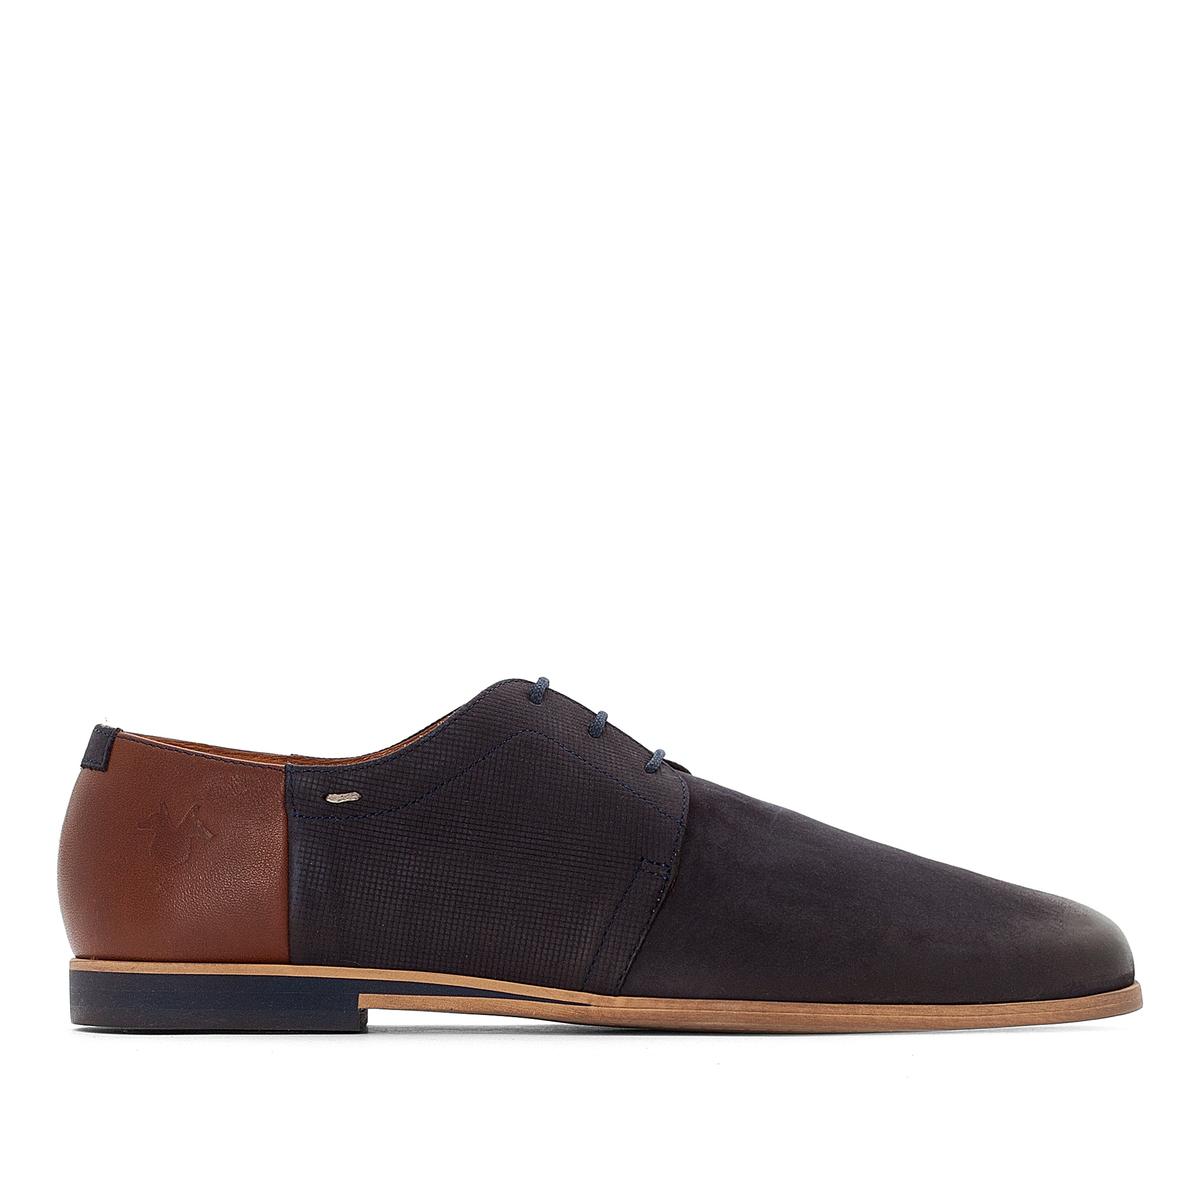 Ботинки-дерби кожаные Fure 62 ботинки дерби под кожу питона